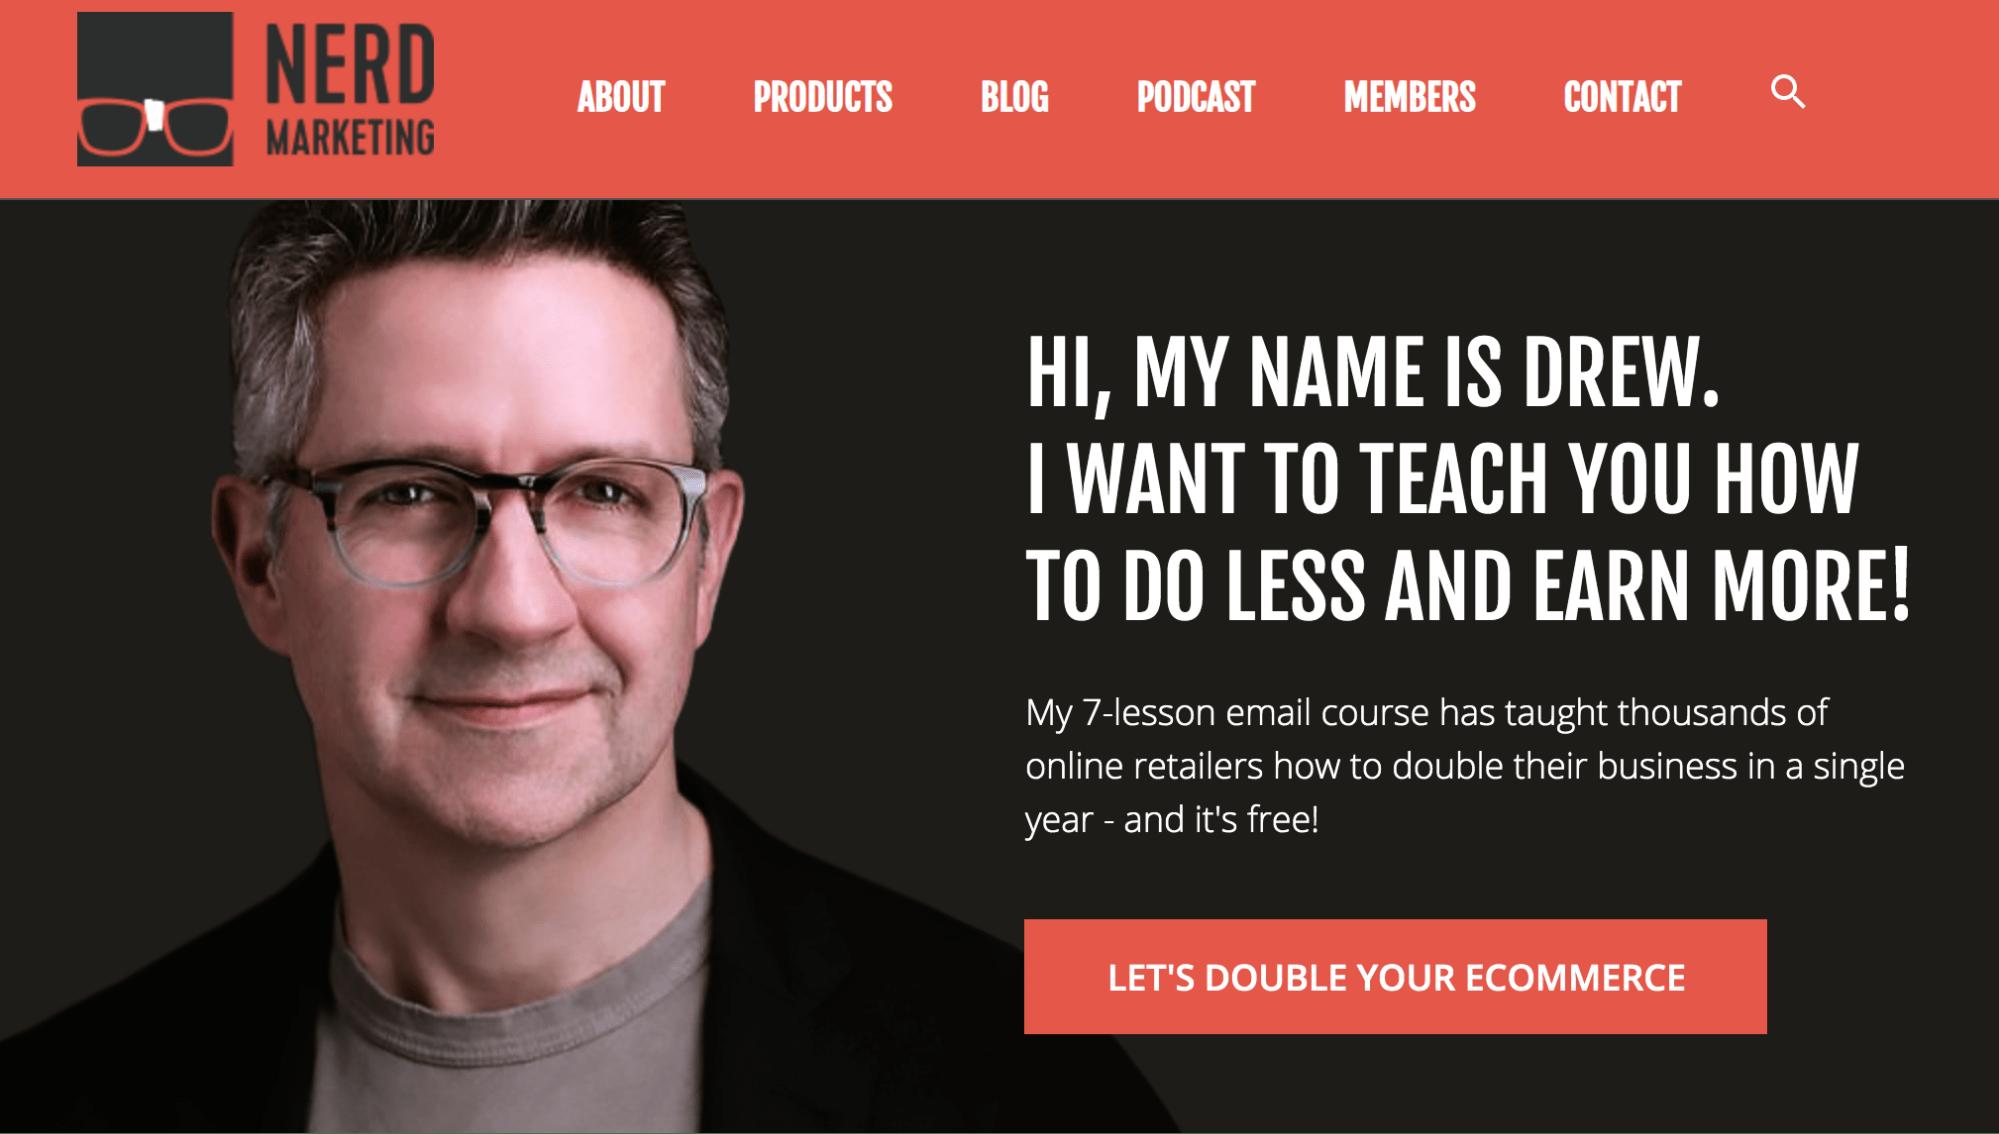 Nerd Marketing blog landing page.